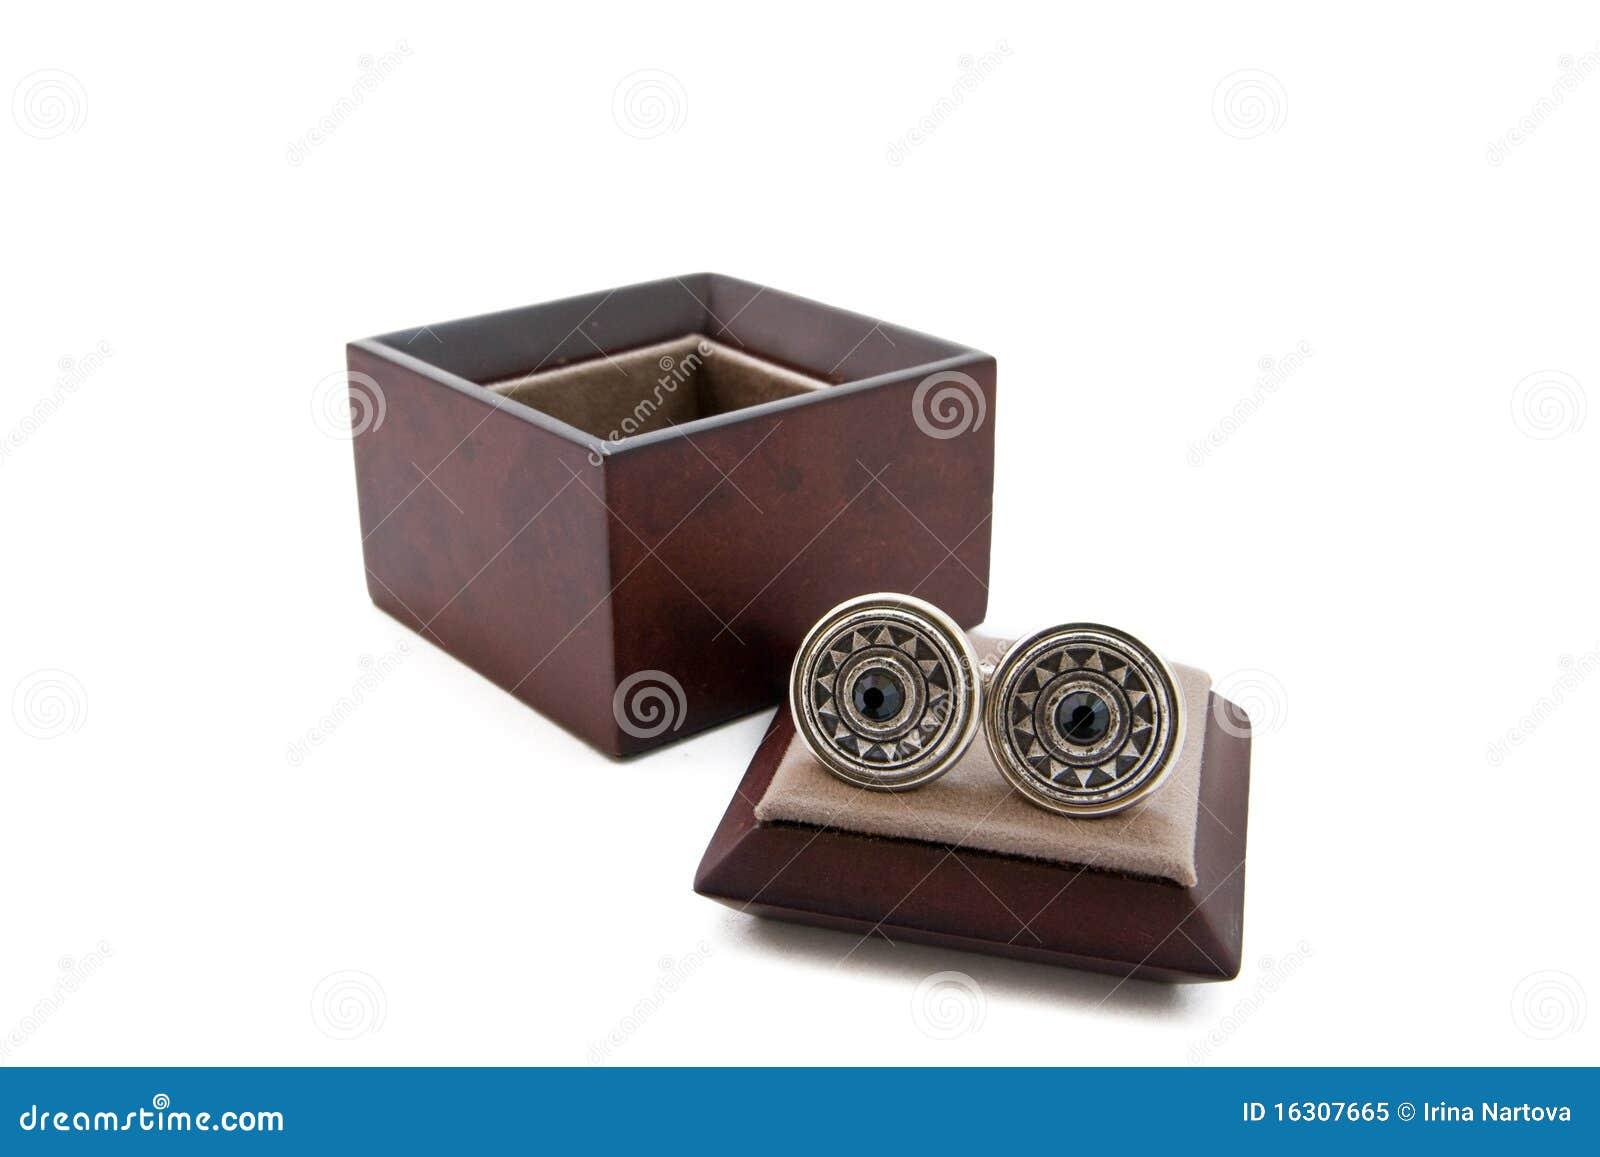 Cuff links in a box